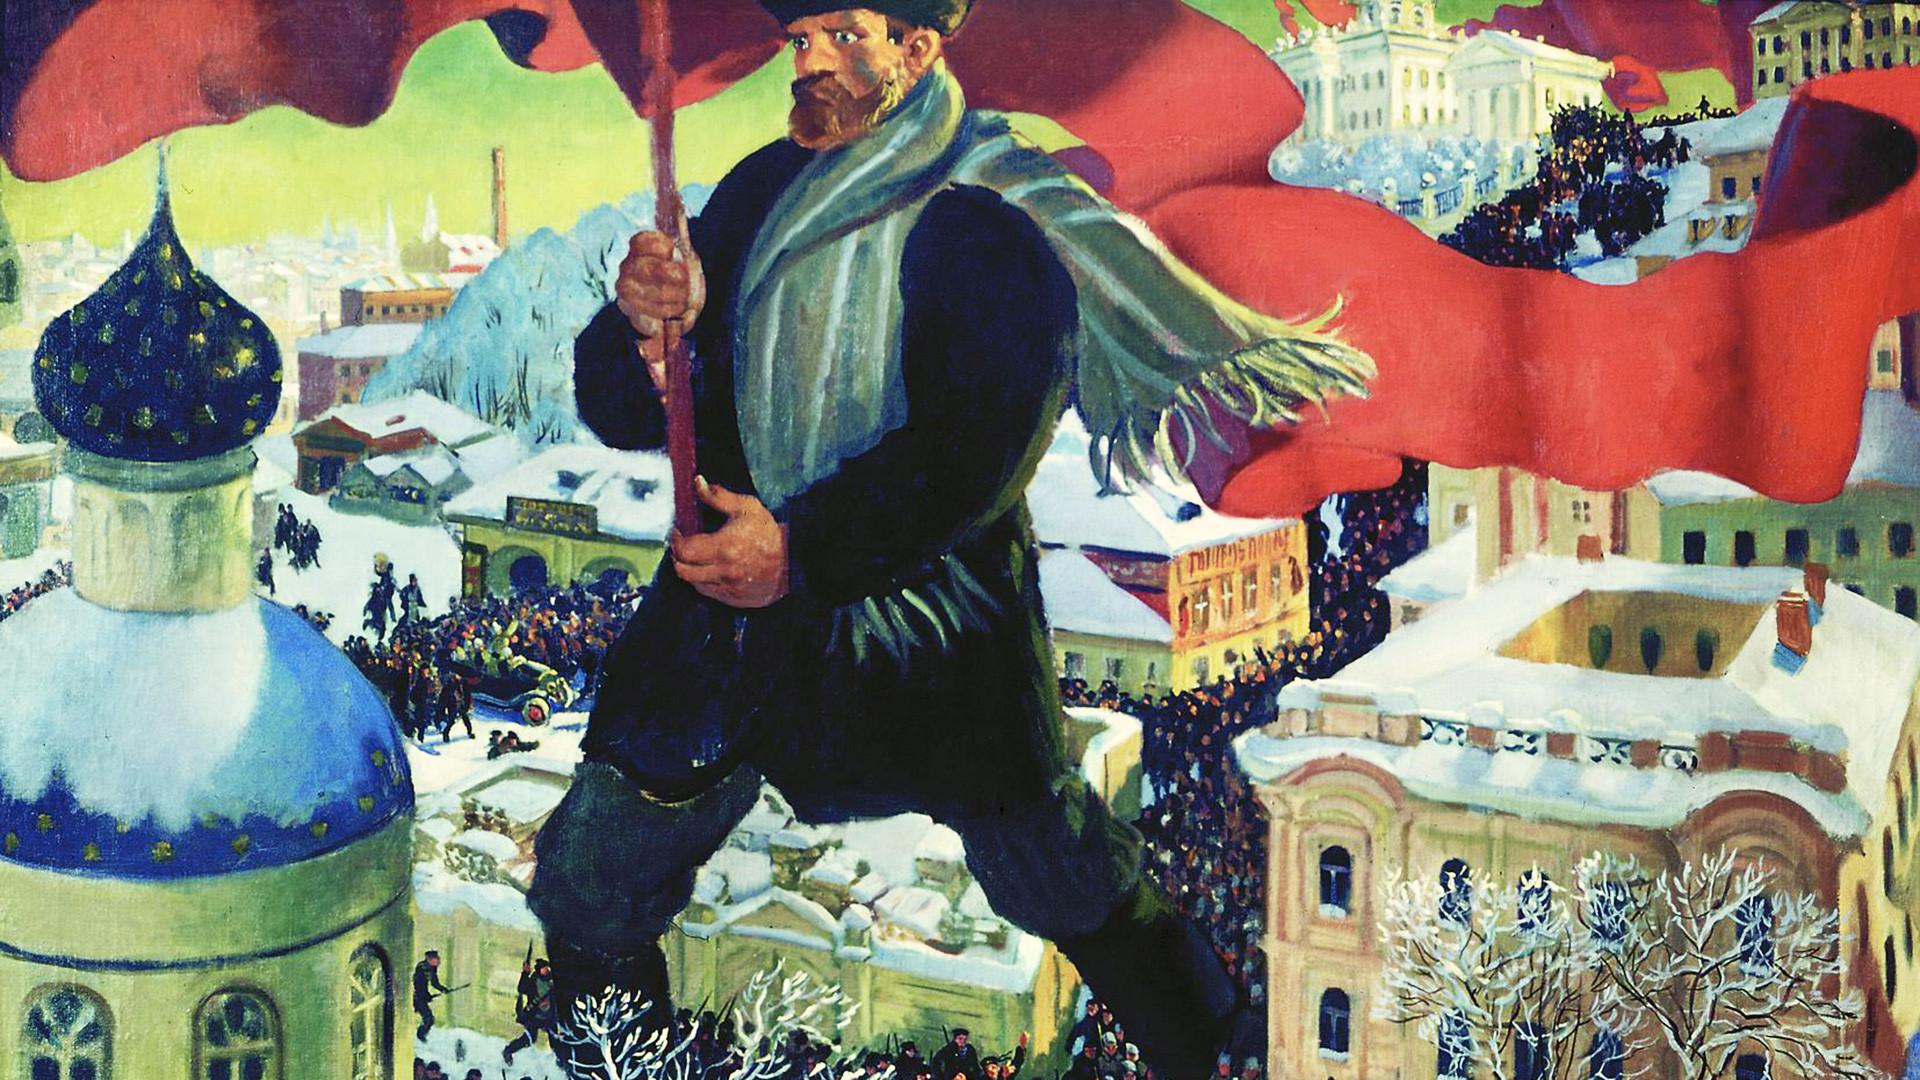 ボリース・クストーディエフの「ボリシェヴィキ」(1920年)